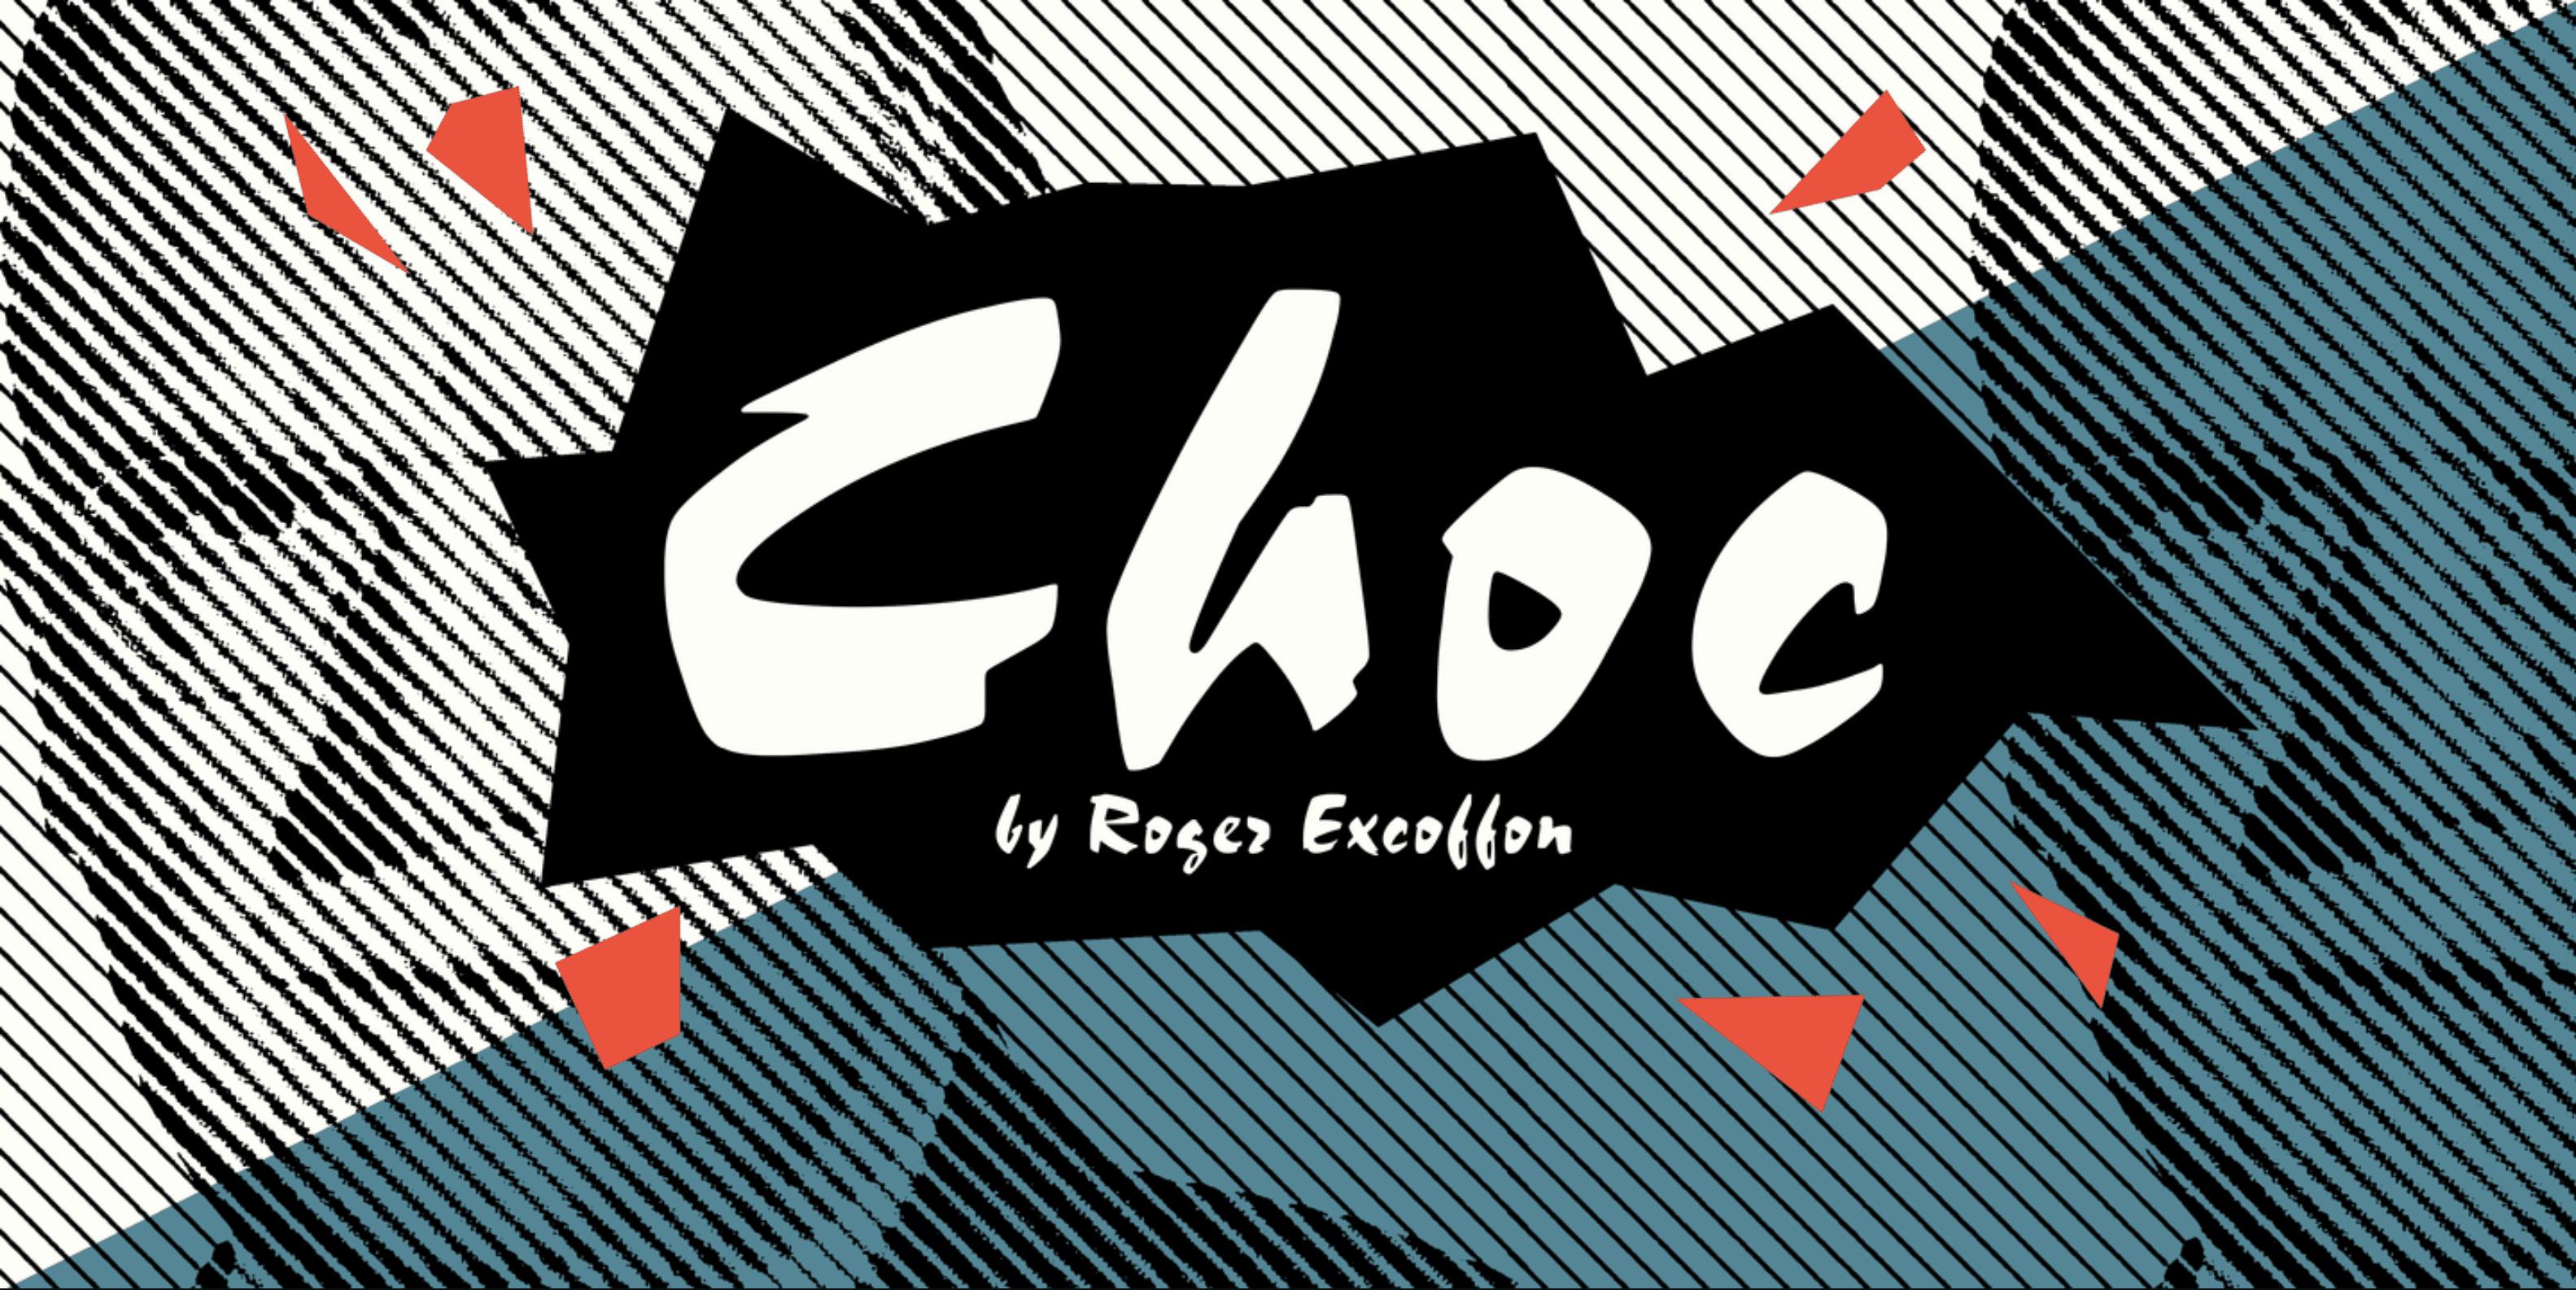 Choc ITC